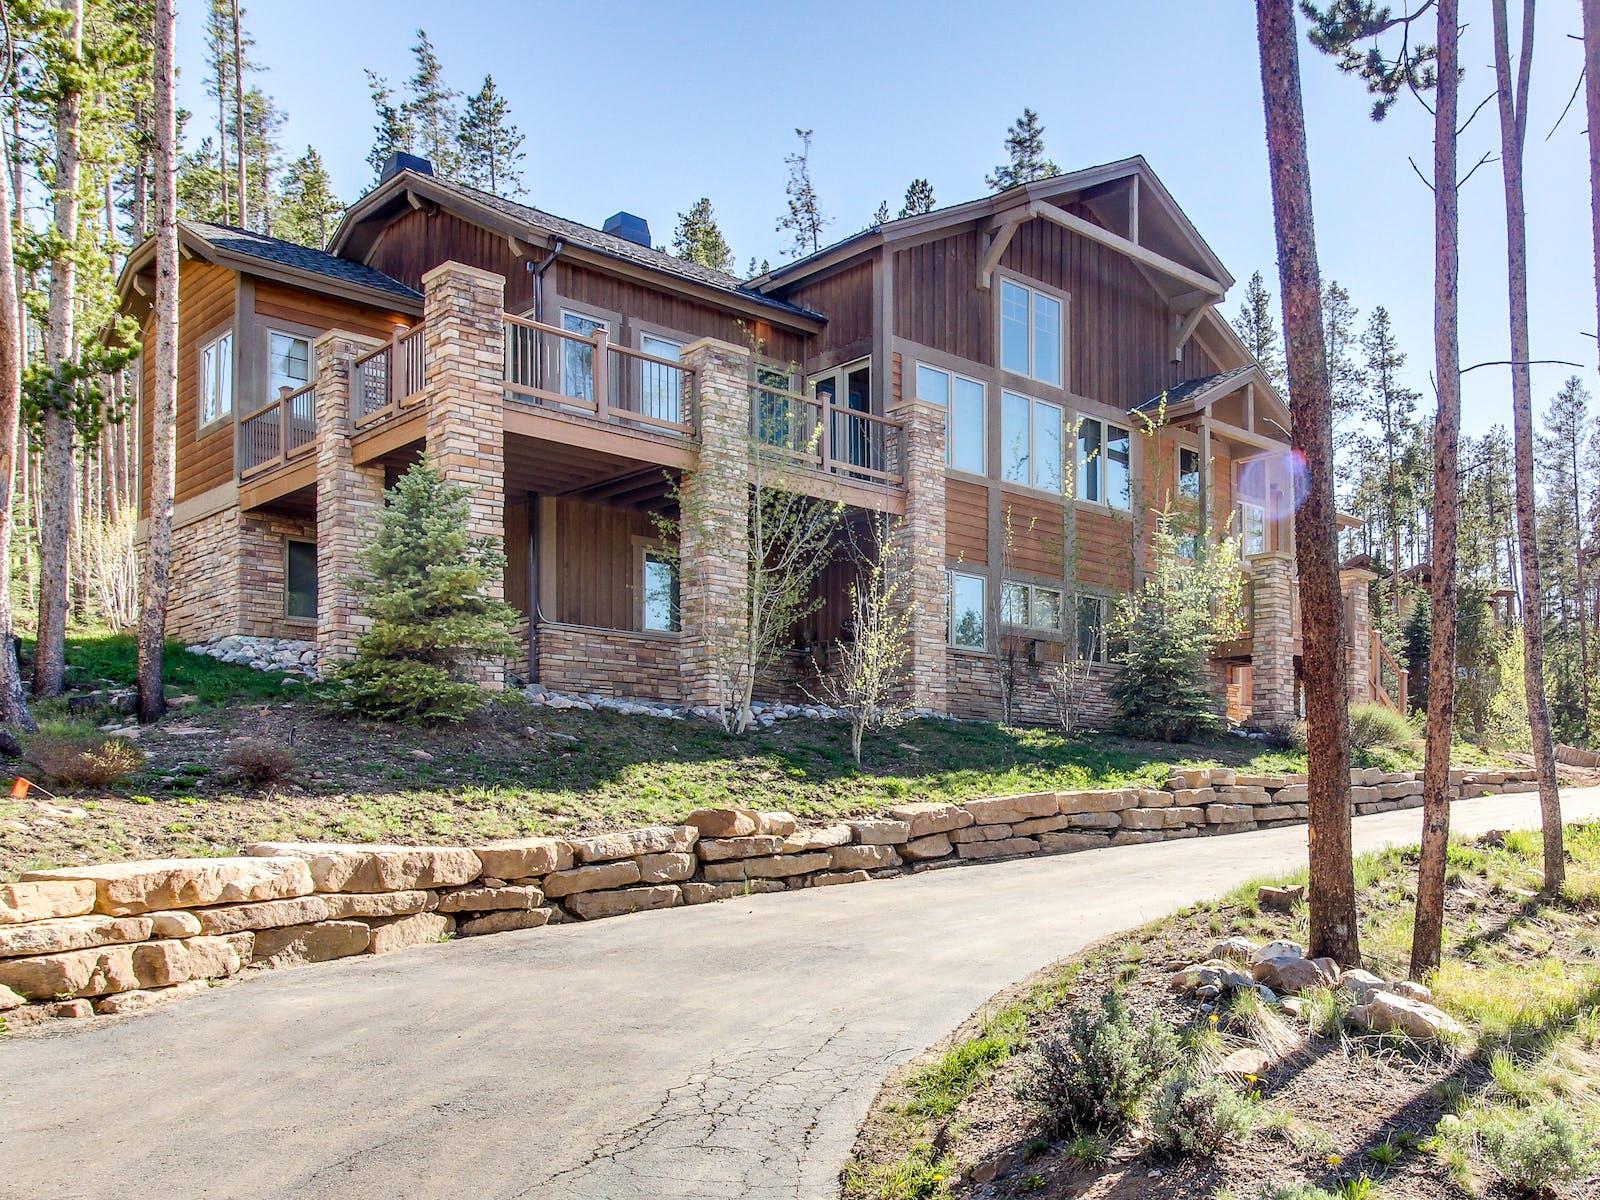 Breckenridge, CO winter vacation rental